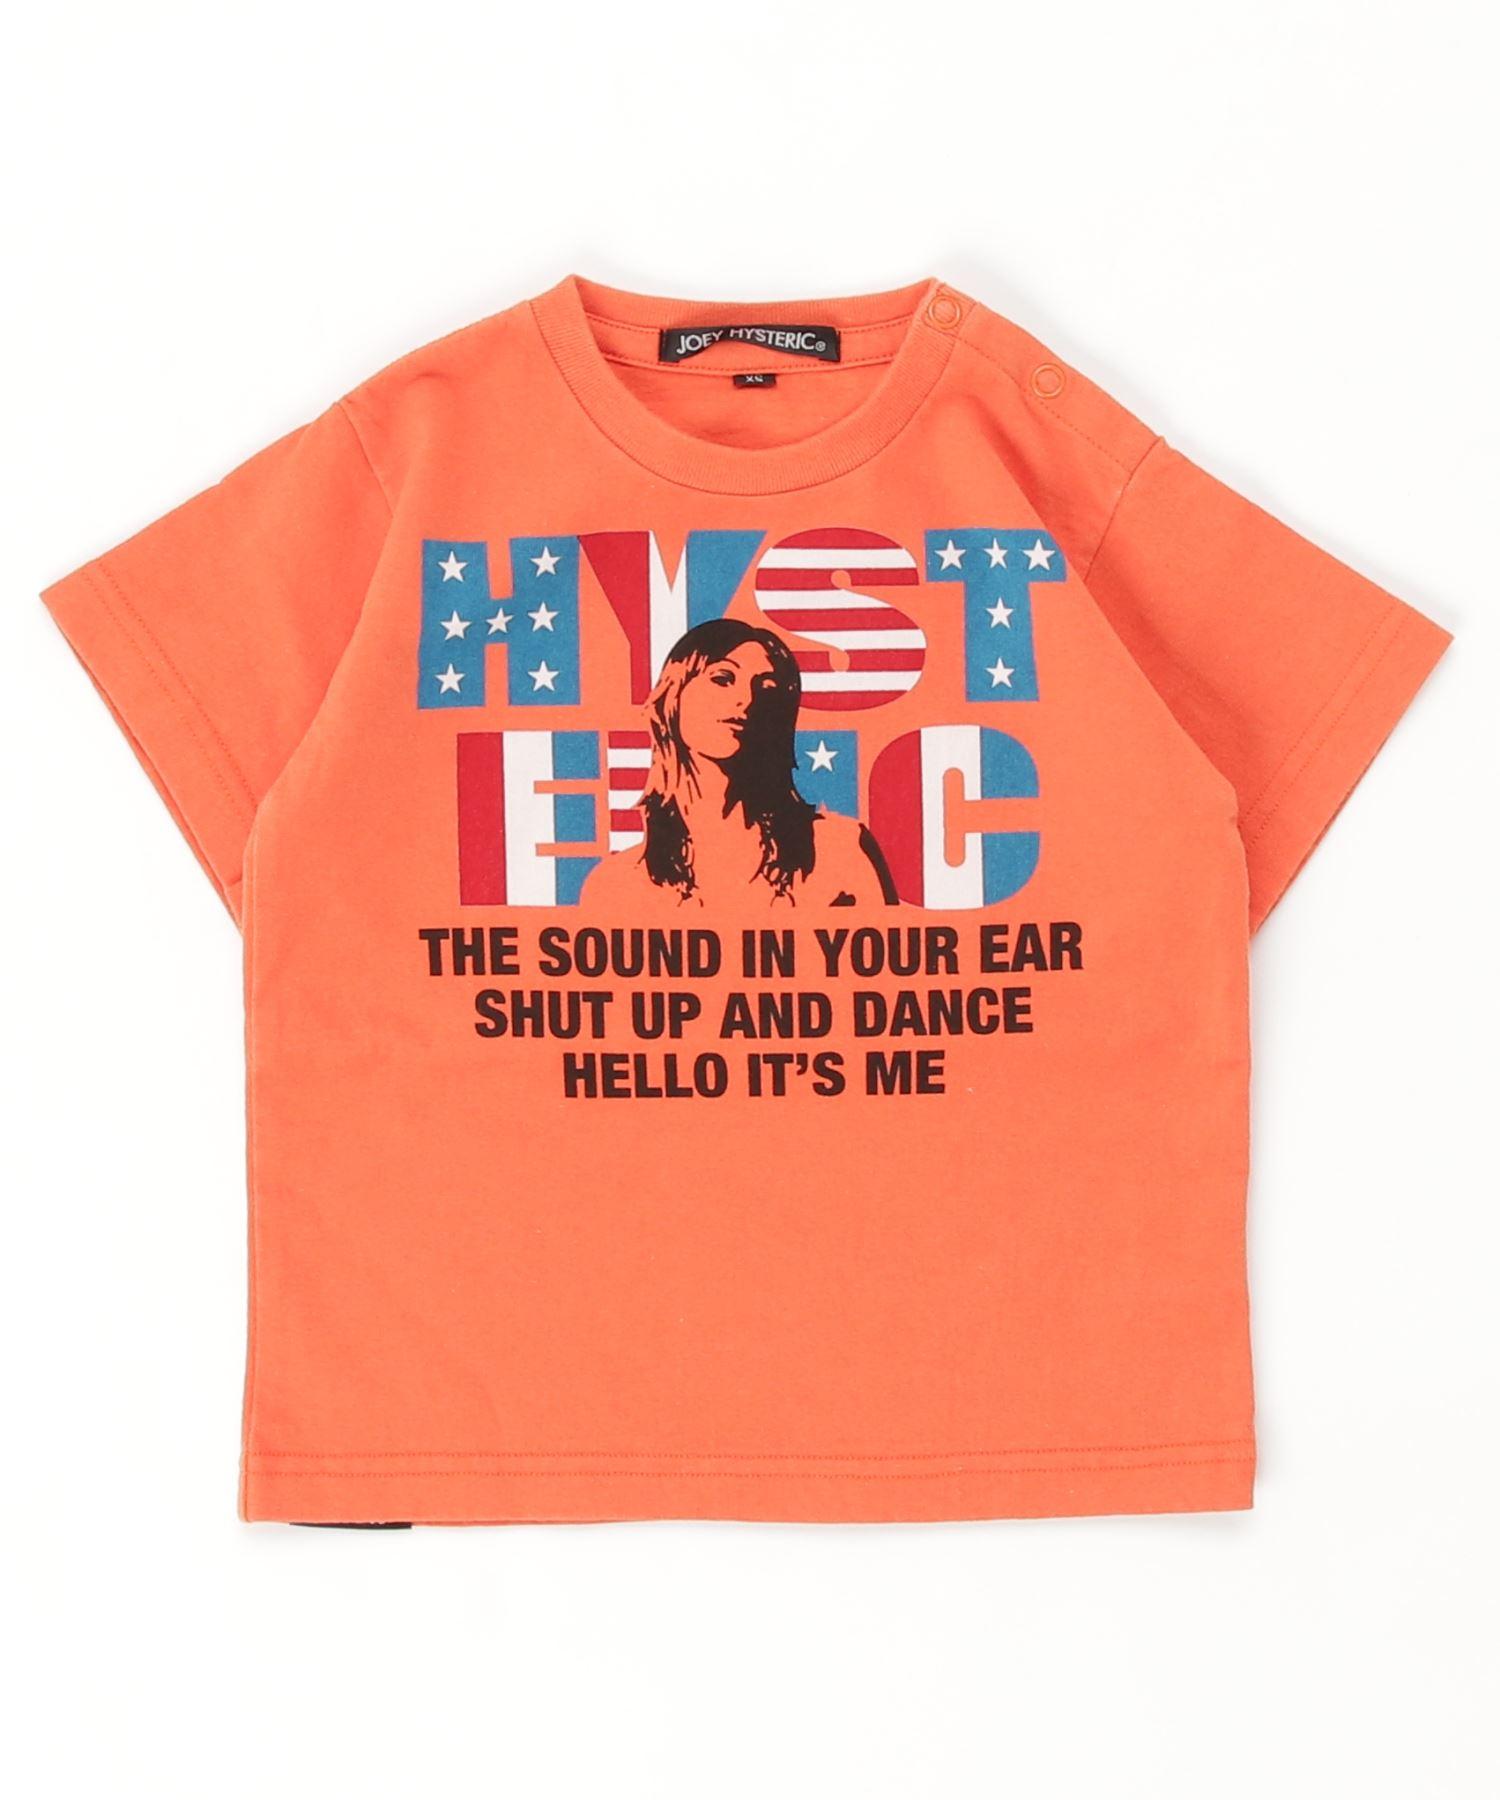 VOTE pt Tシャツ【XS/S/M】